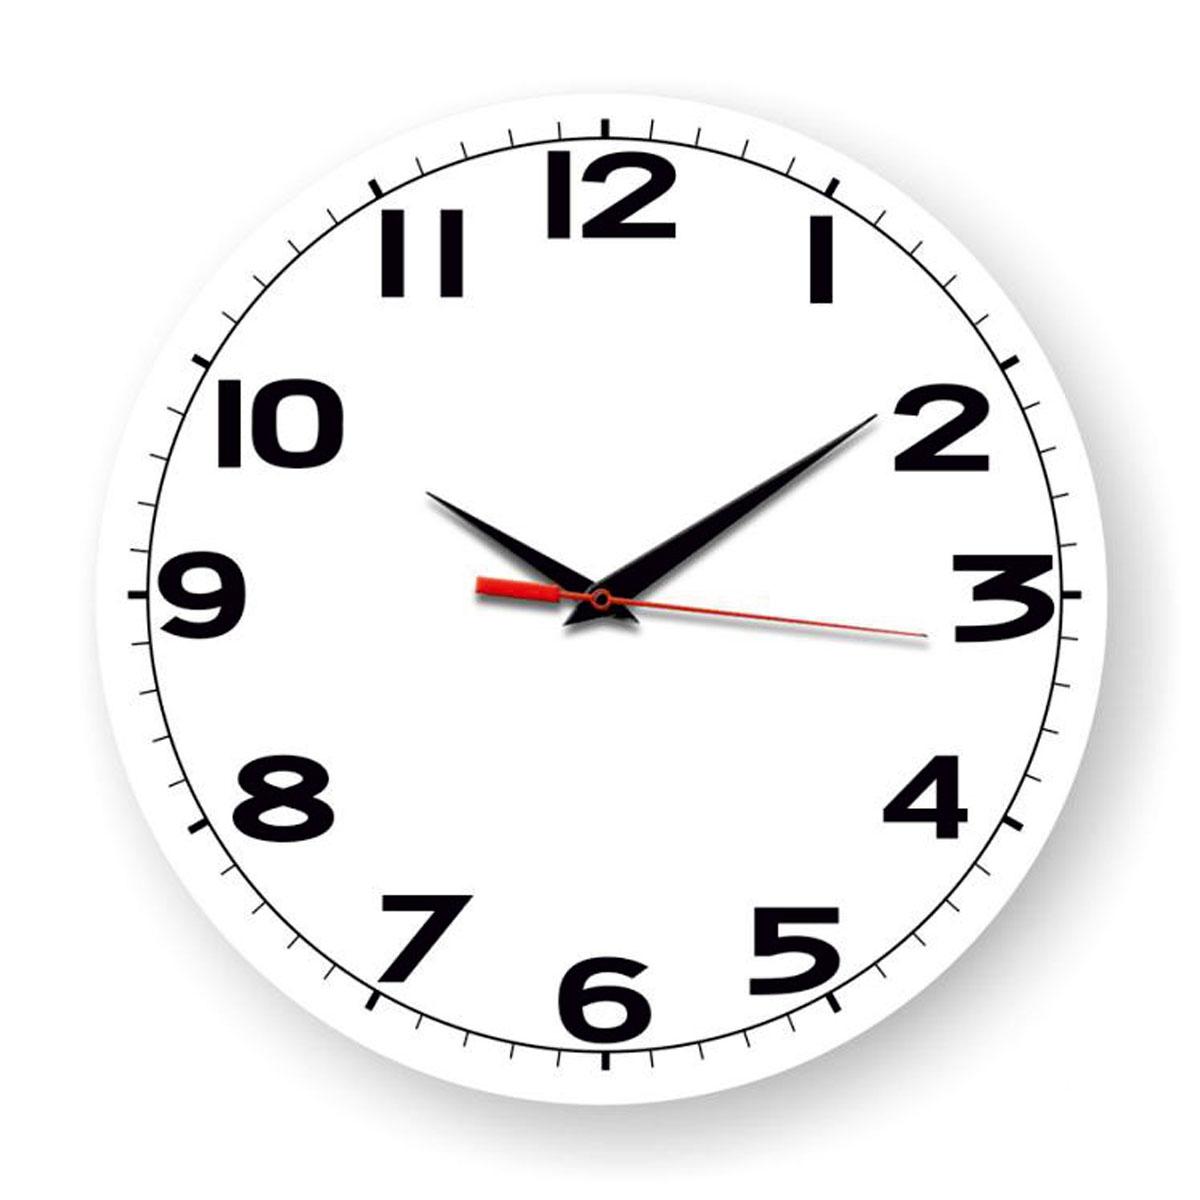 Часы настенные Miolla Дети, цвет: черный, белыйСК011 2905Оригинальные настенные часы круглой формы выполнены из закаленного стекла.Часы имеют три стрелки - часовую, минутную и секундную и циферблат с цифрами.Необычное дизайнерское решение и качество исполнения придутся по вкусукаждому. Диаметр часов: 28 см. Часы работают от 1 батарейки типа АА напряжением 1,5 В.